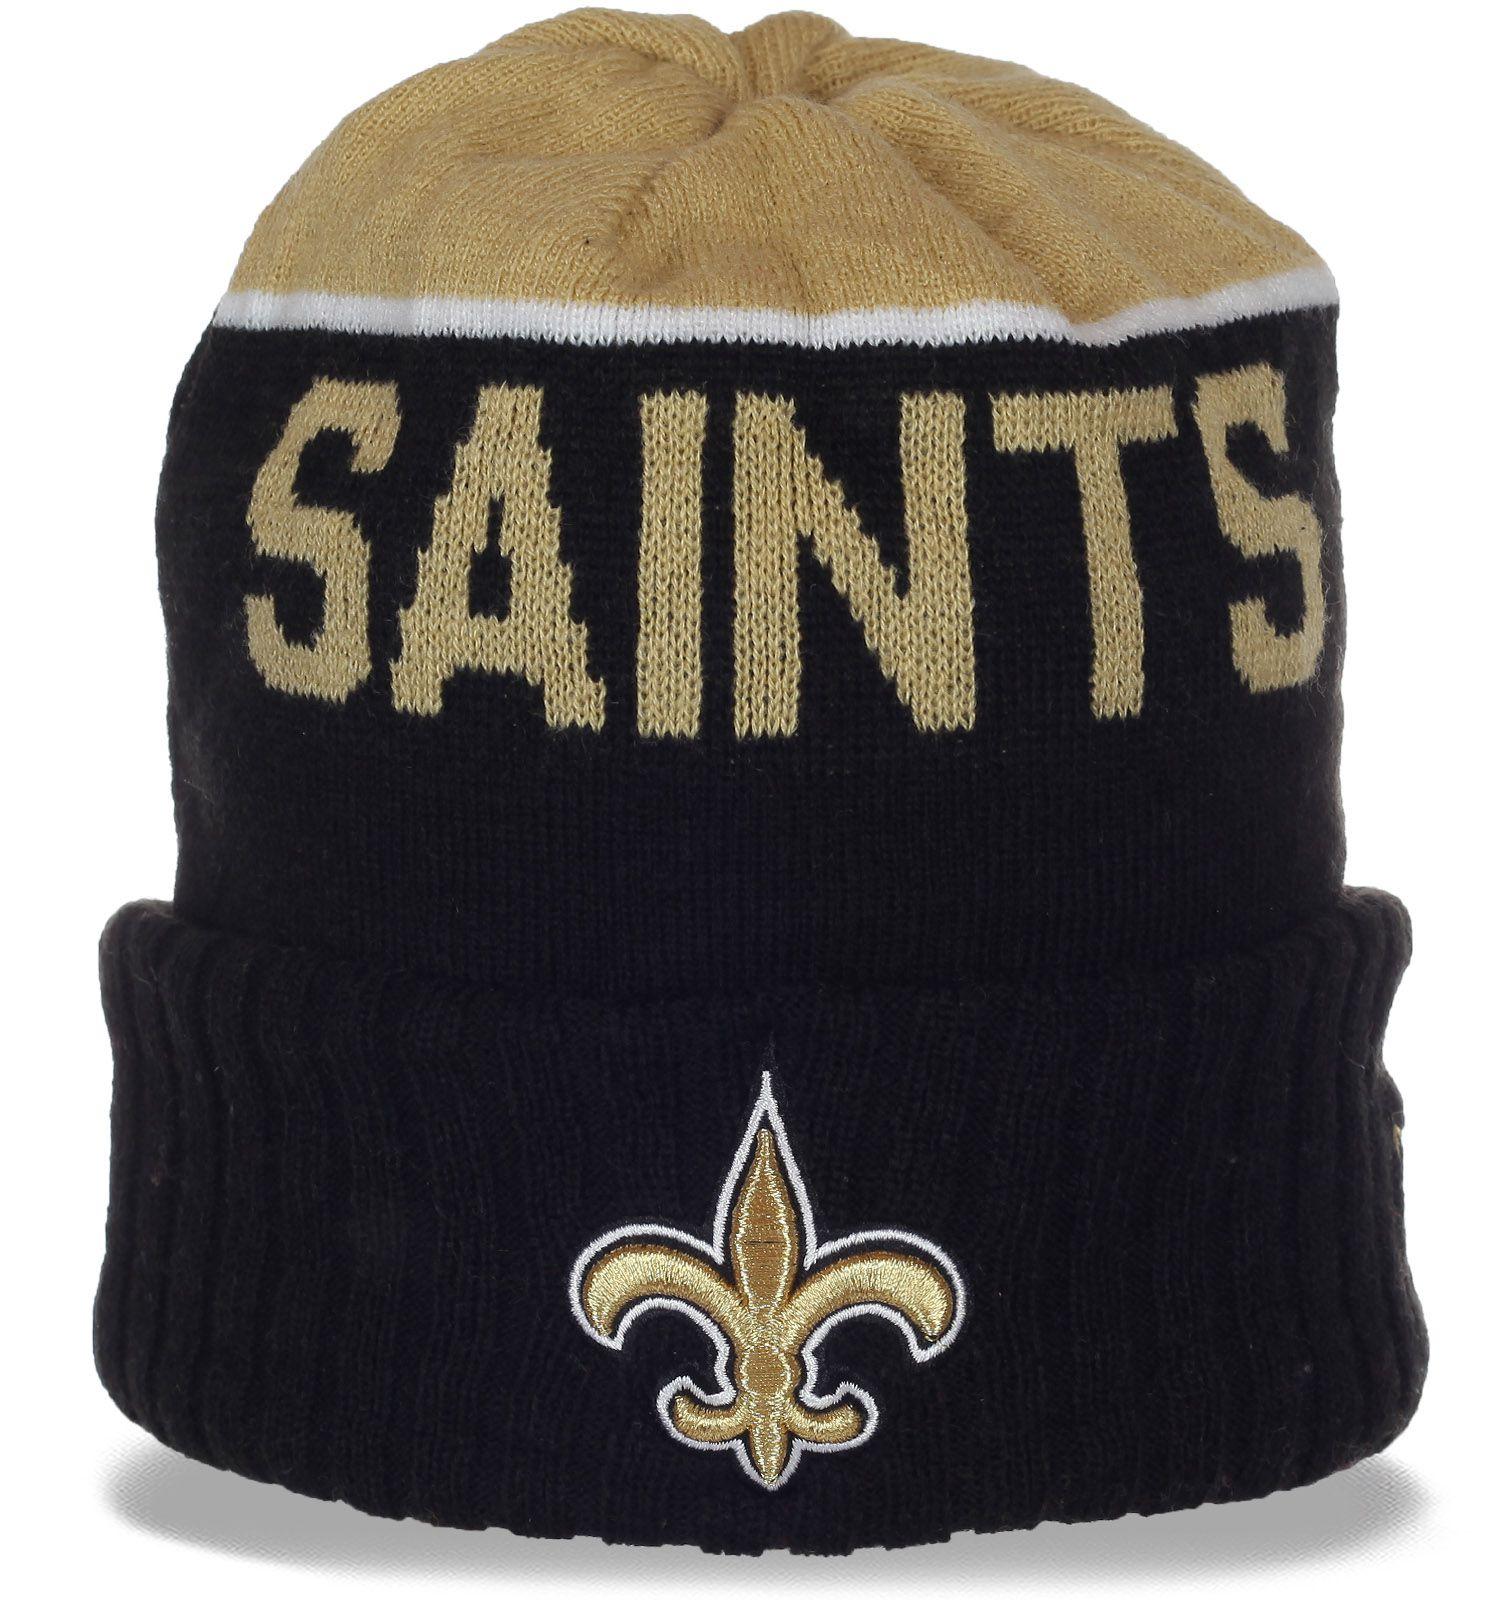 Спортивная шапочка фаната New Orleans Saints на флисе